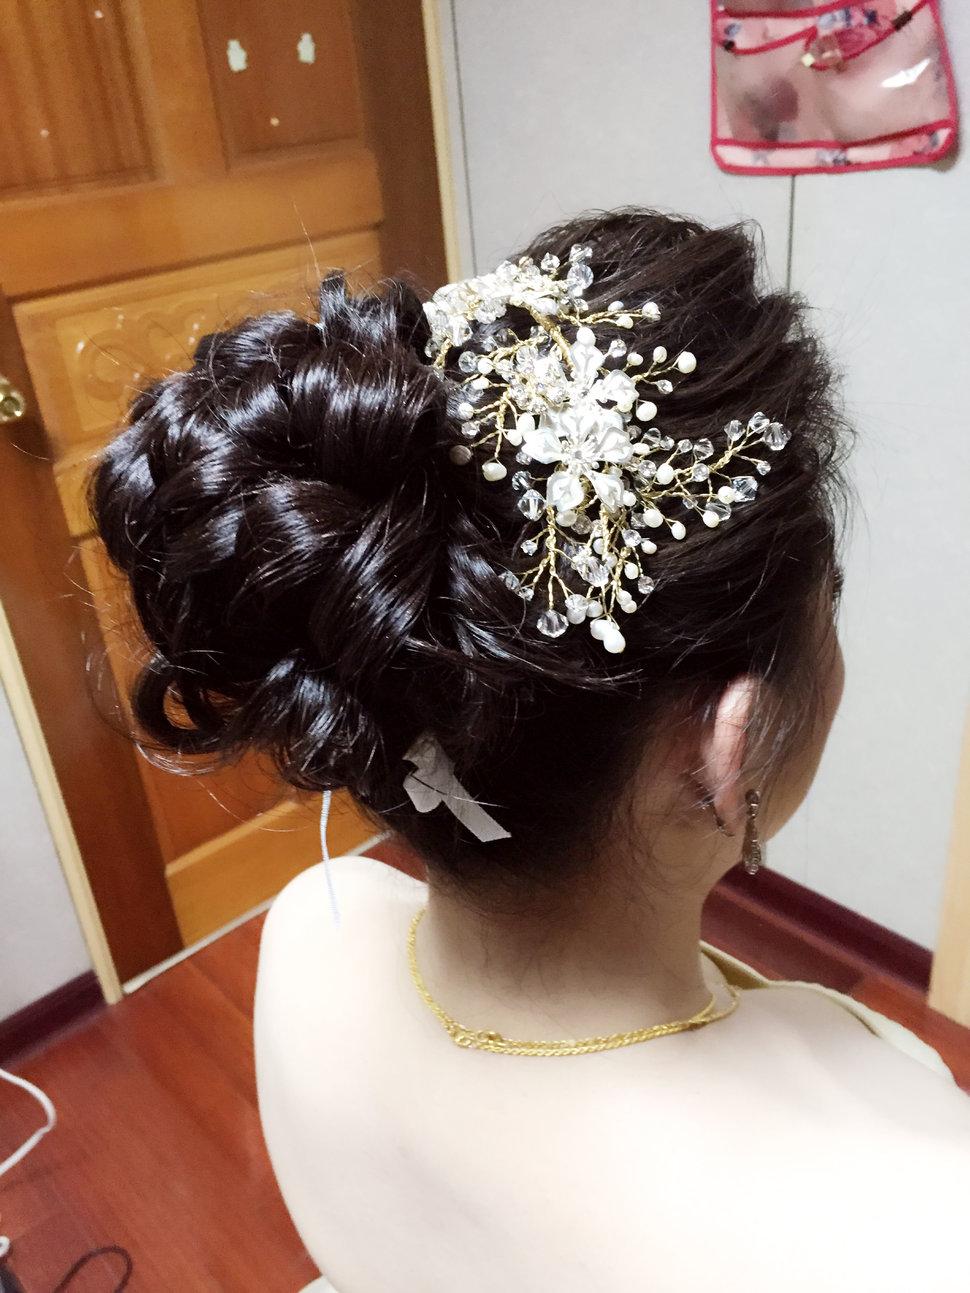 佳韻訂婚午宴(編號:545634) - 吳若禎 Una 彩妝整體造型《結婚吧》